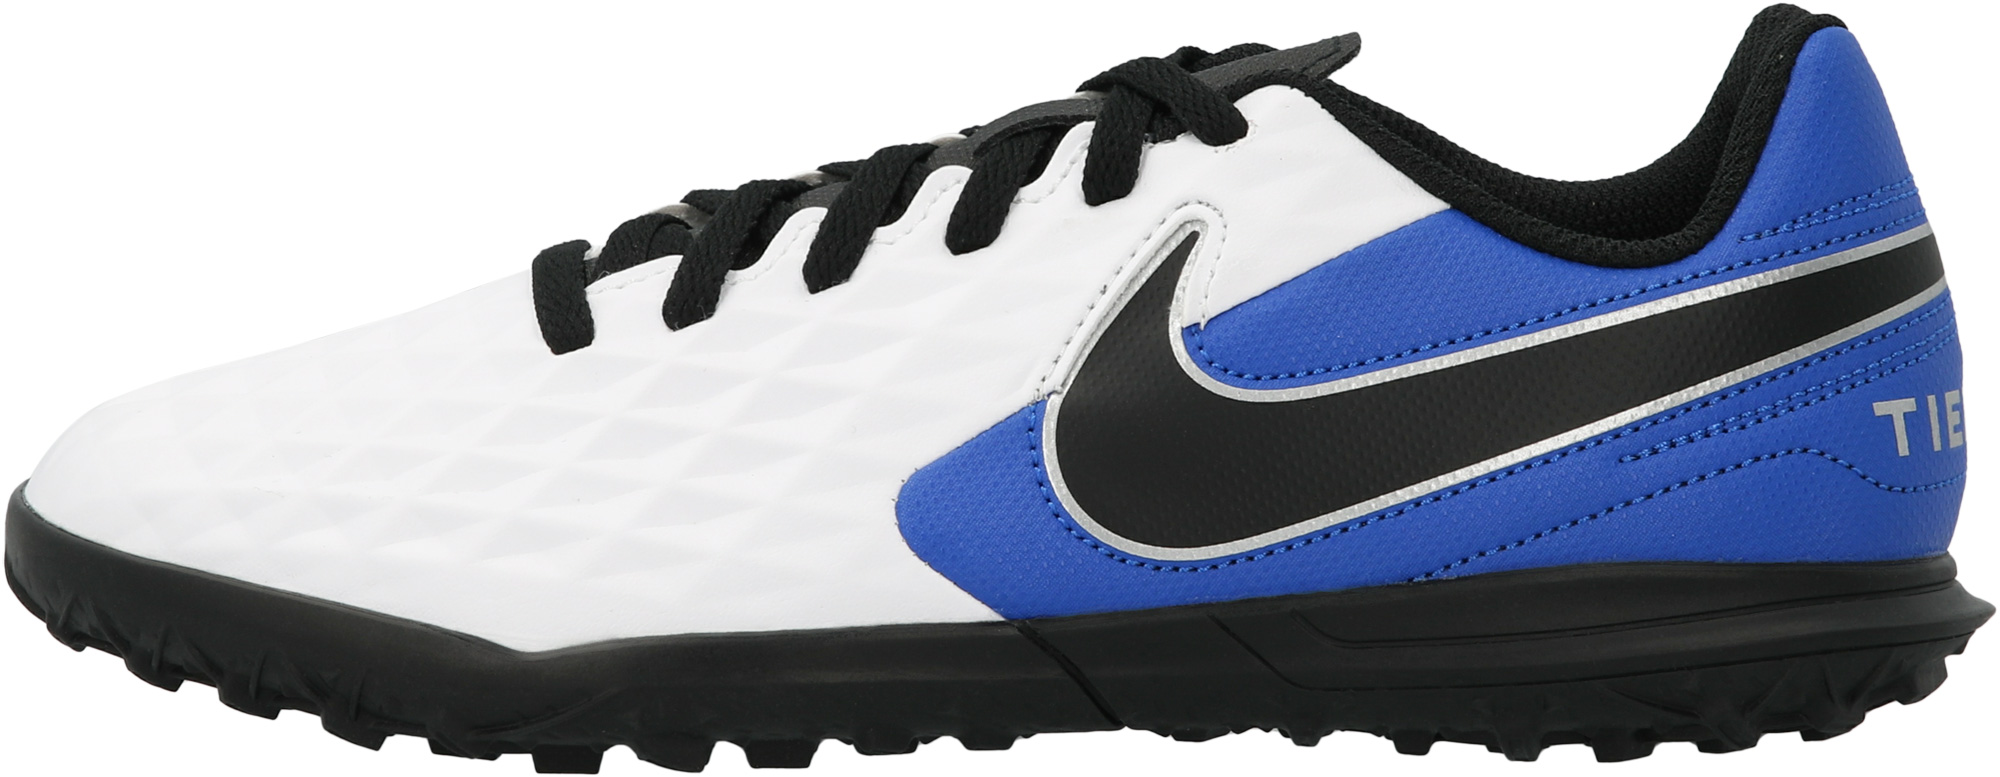 Бутсы для мальчиков Nike Jr Legend 8 Club TF, размер 34.5 nike бутсы мужские nike legend 8 pro tf размер 40